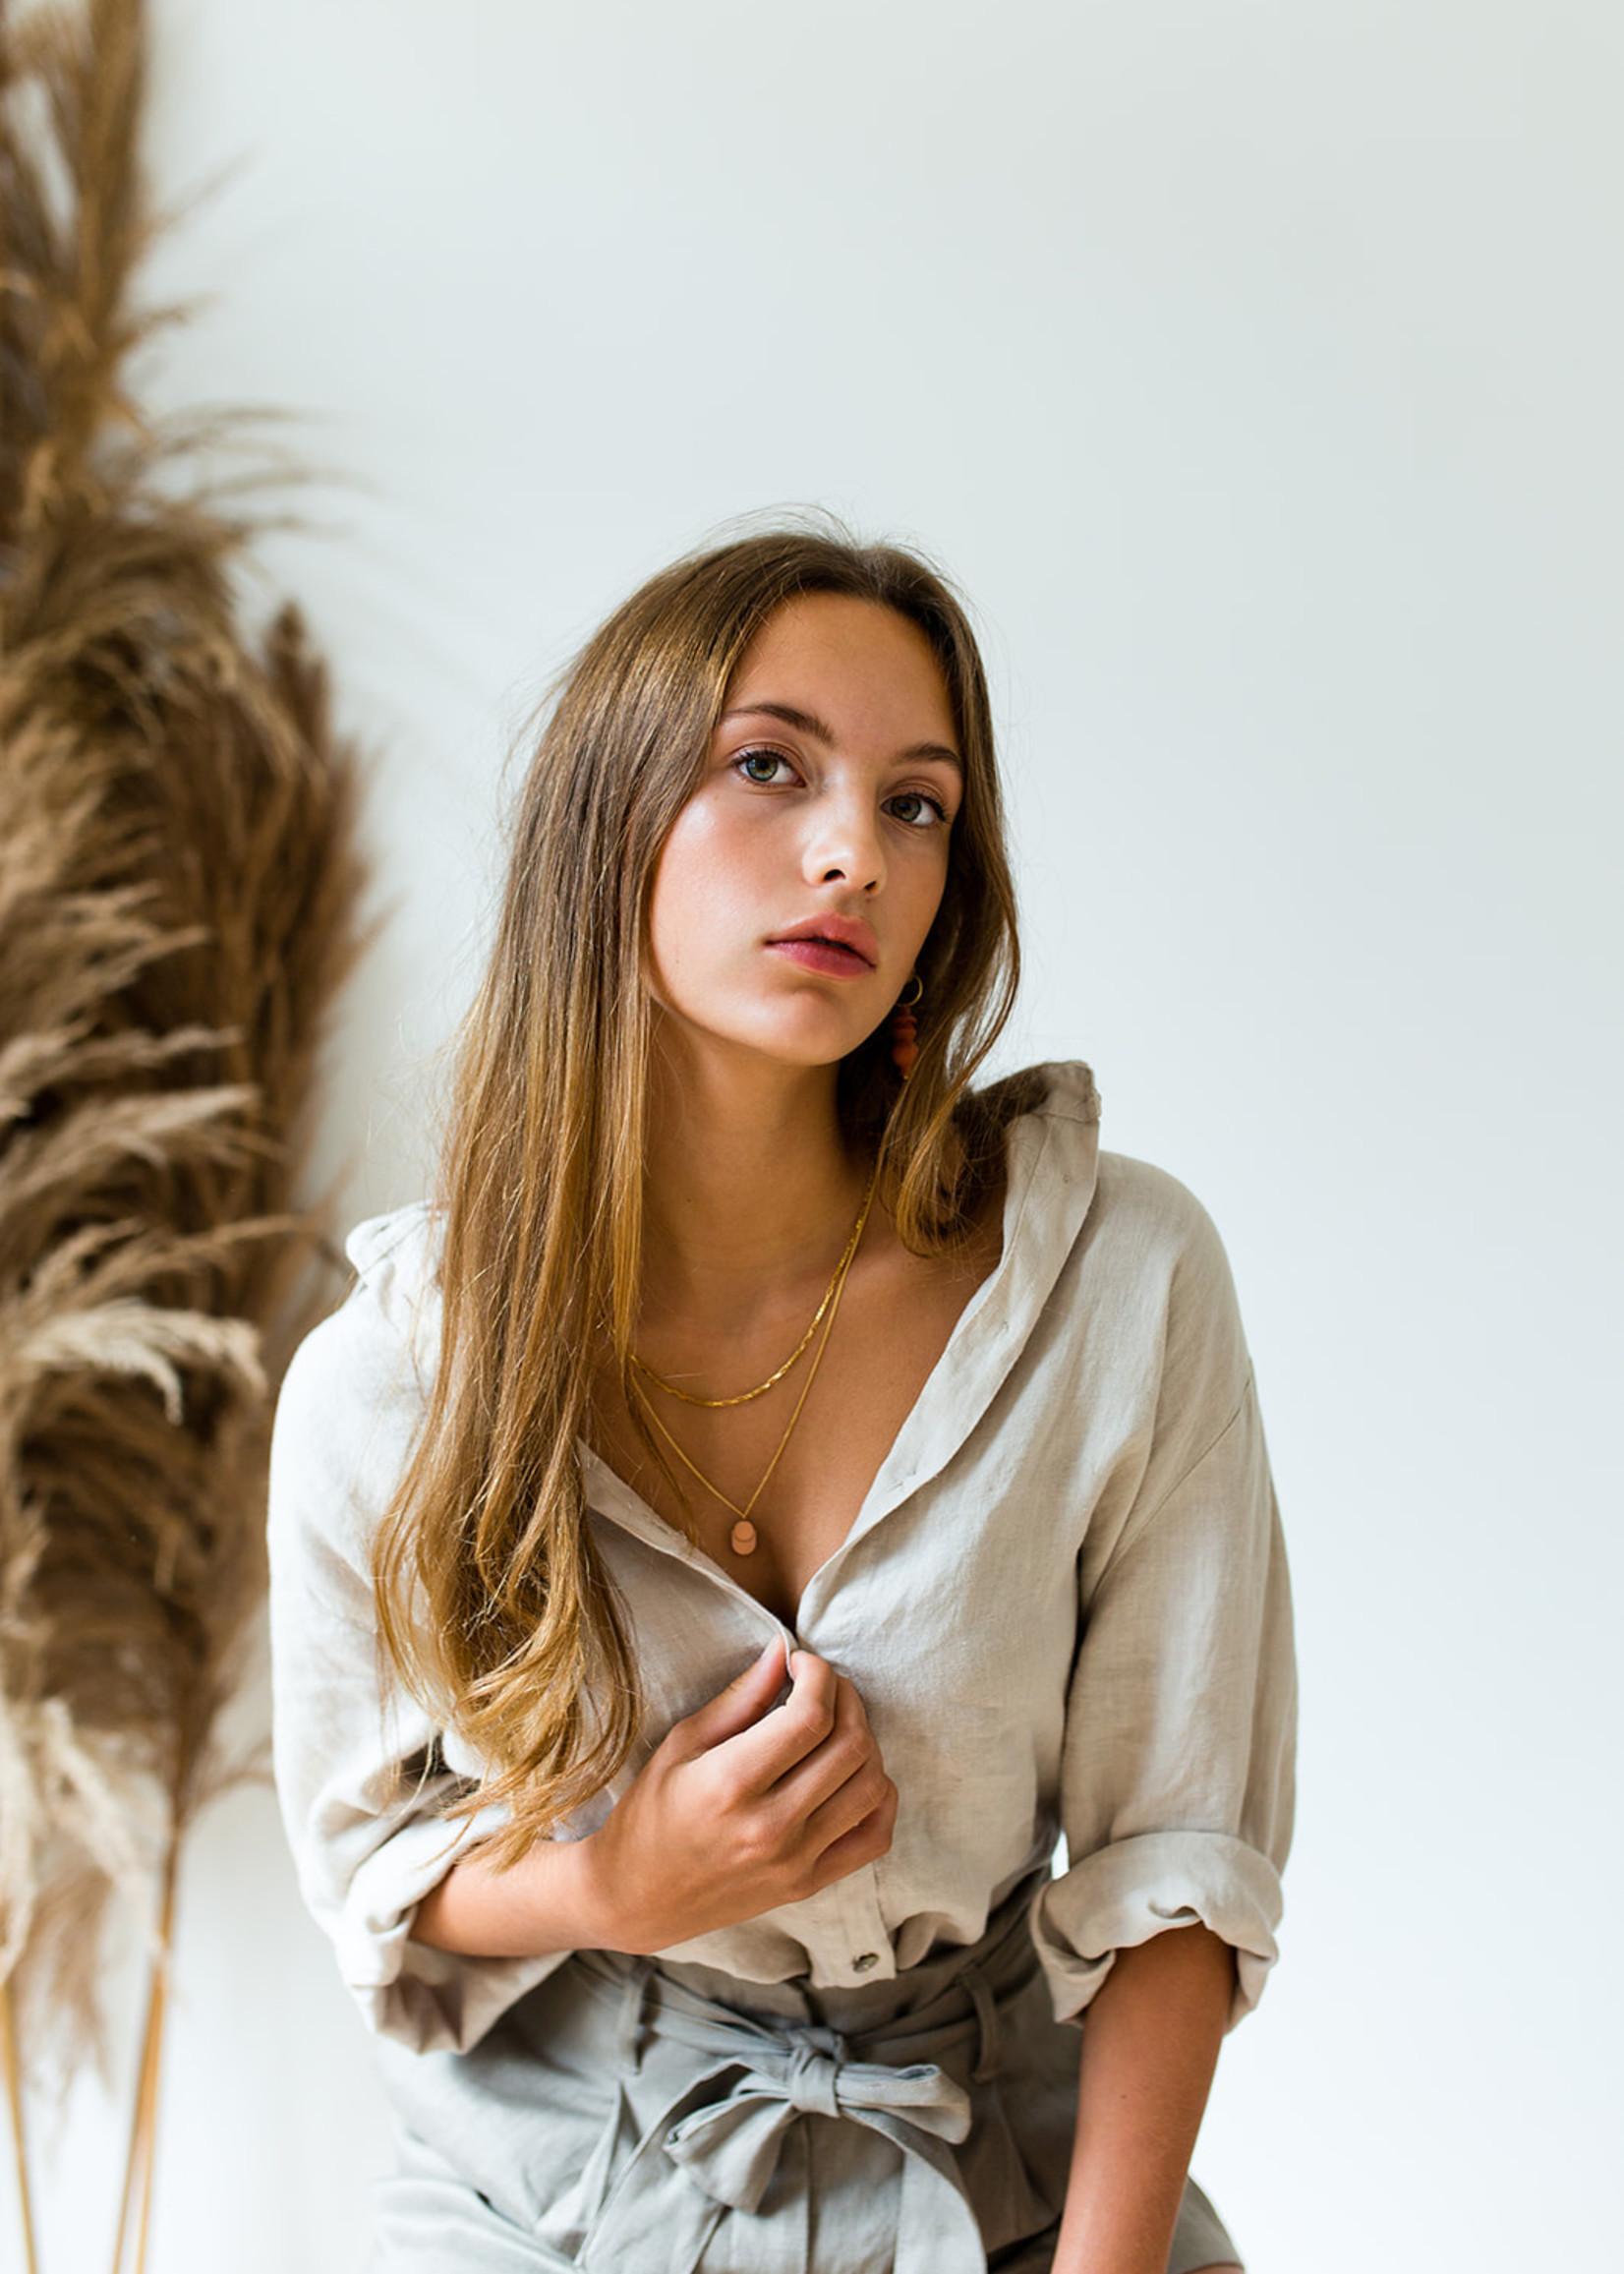 Ketting - Sloth